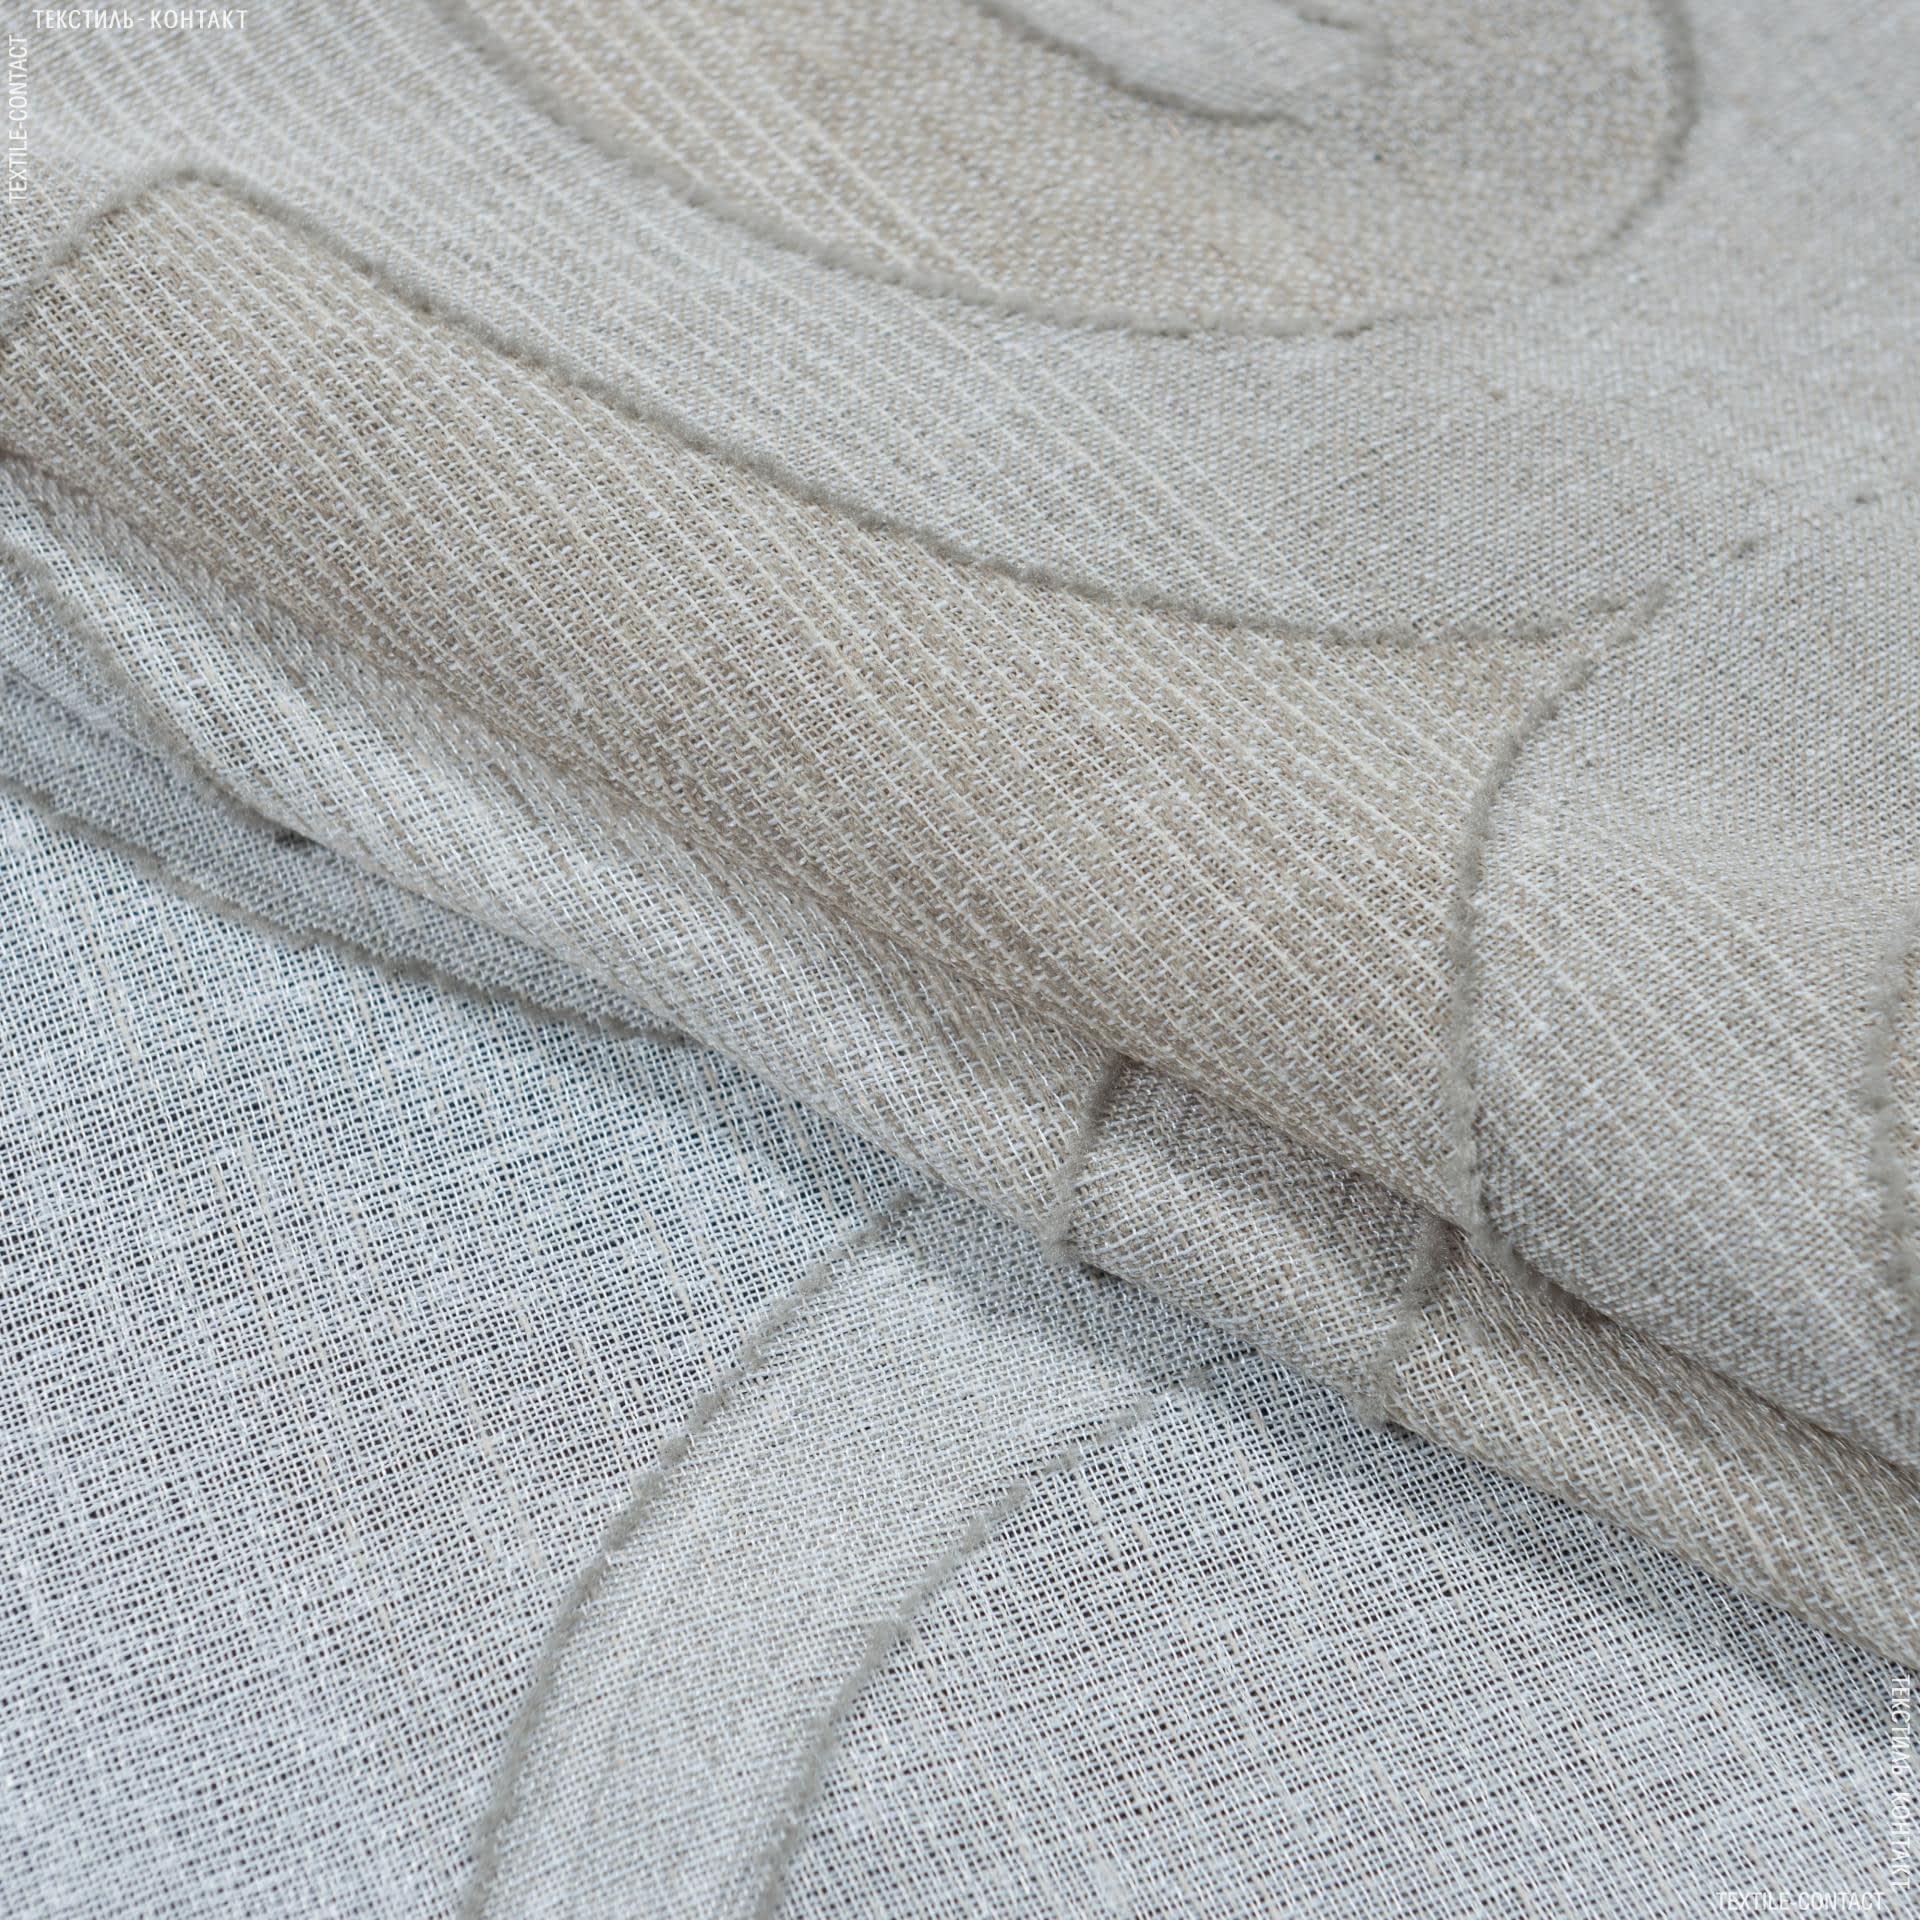 Ткани для тюли - Тюль  с утяжелителем прага жаккард деграде/praga  песок